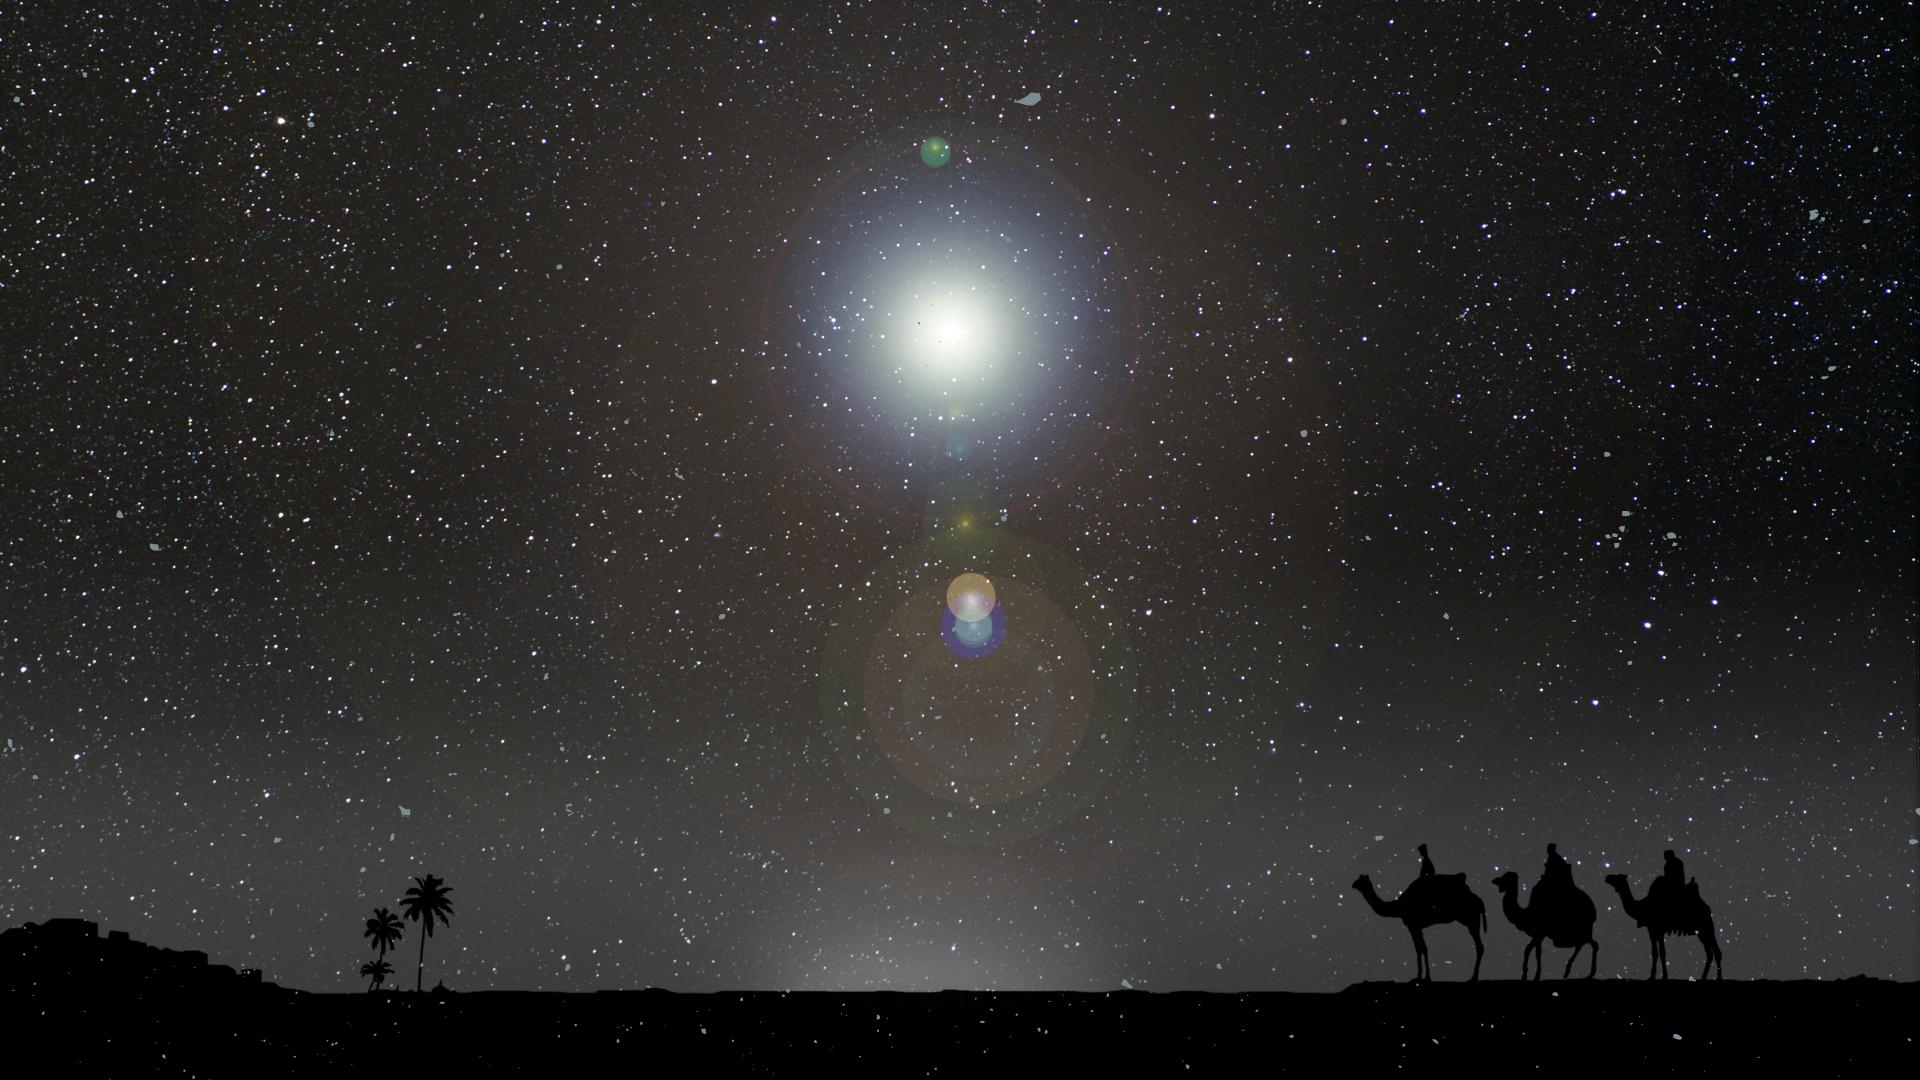 A betlehemi csillaghoz hasonló égi jelenség fog ragyogni az égbolton december 21-én!